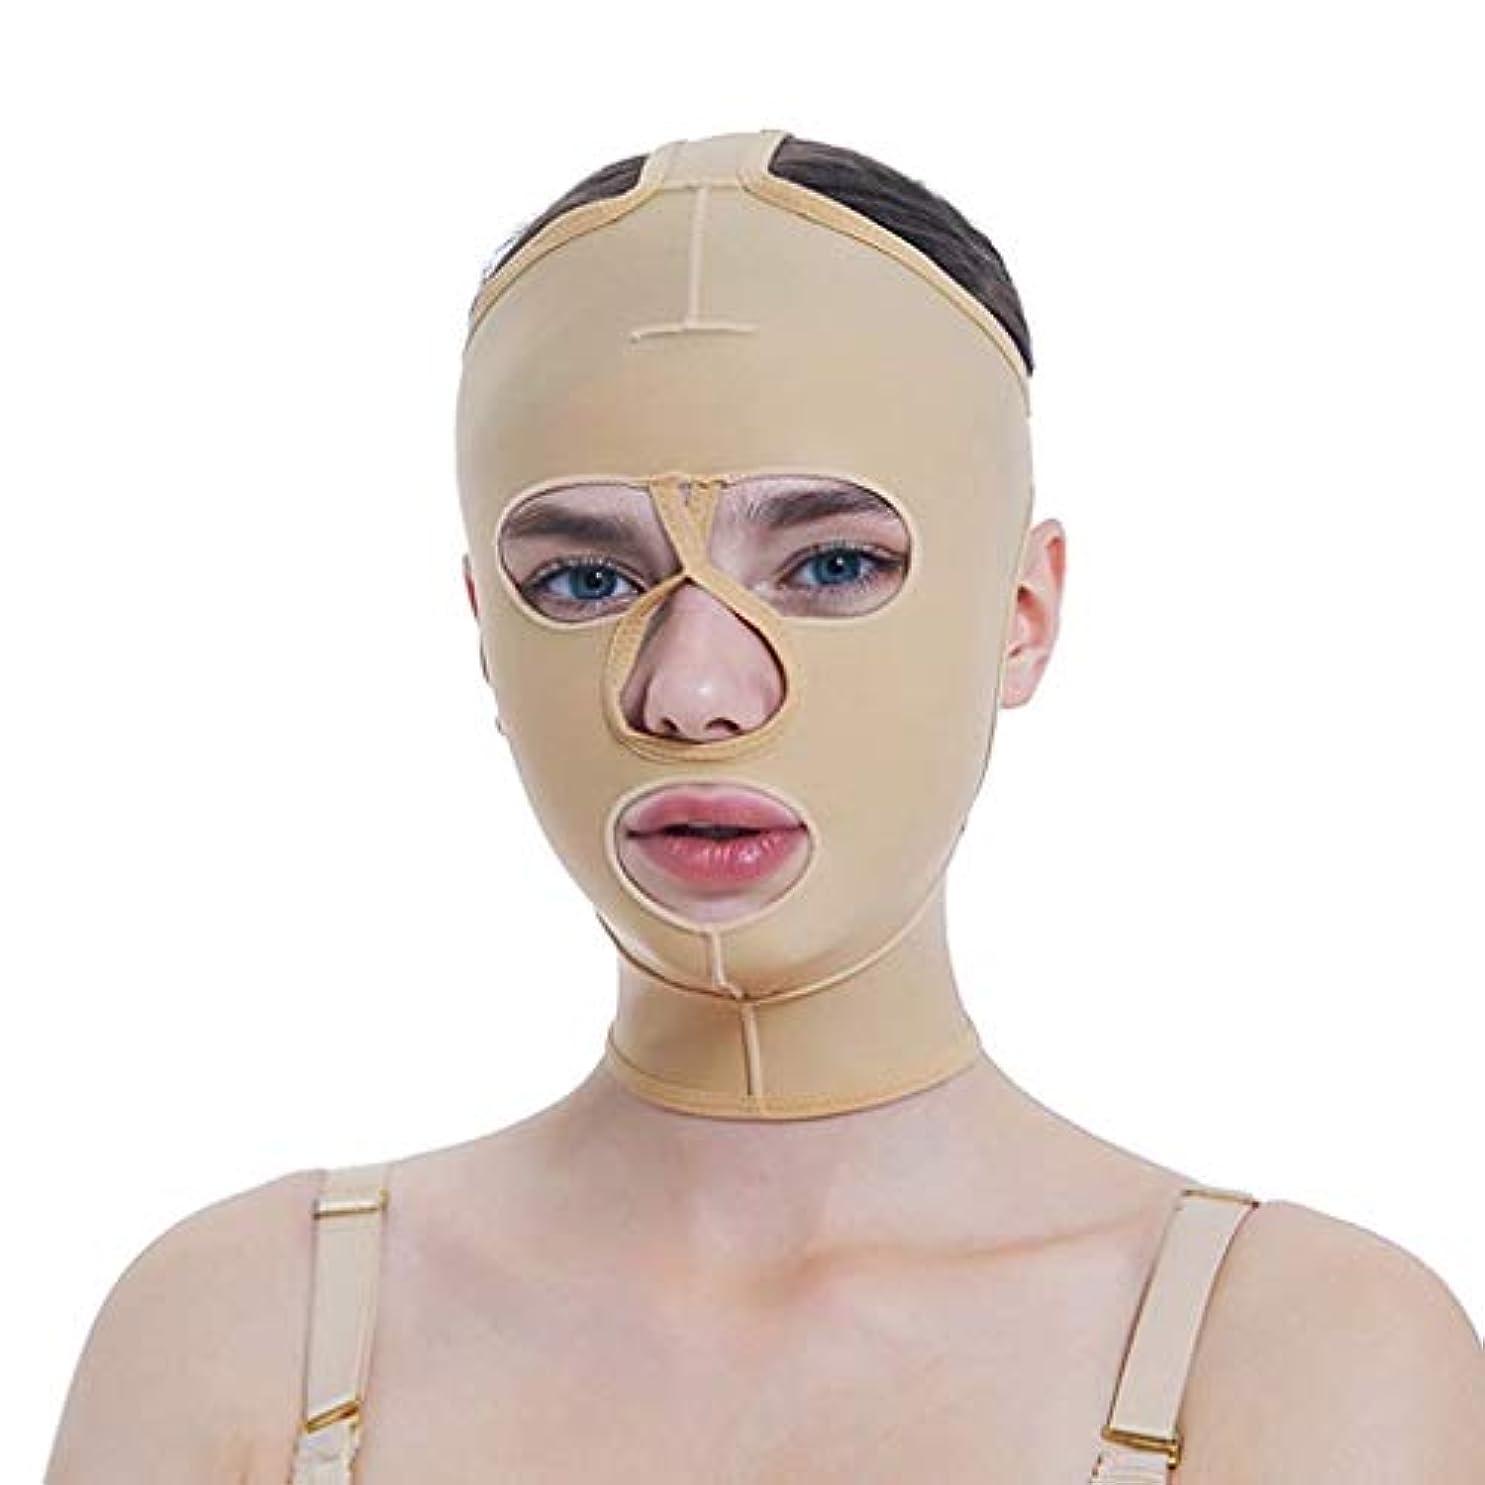 ローブスクラップ登る脂肪吸引術用成形マスク、薄手かつらVフェイスビームフェイス弾性スリーブマルチサイズオプション(サイズ:S)